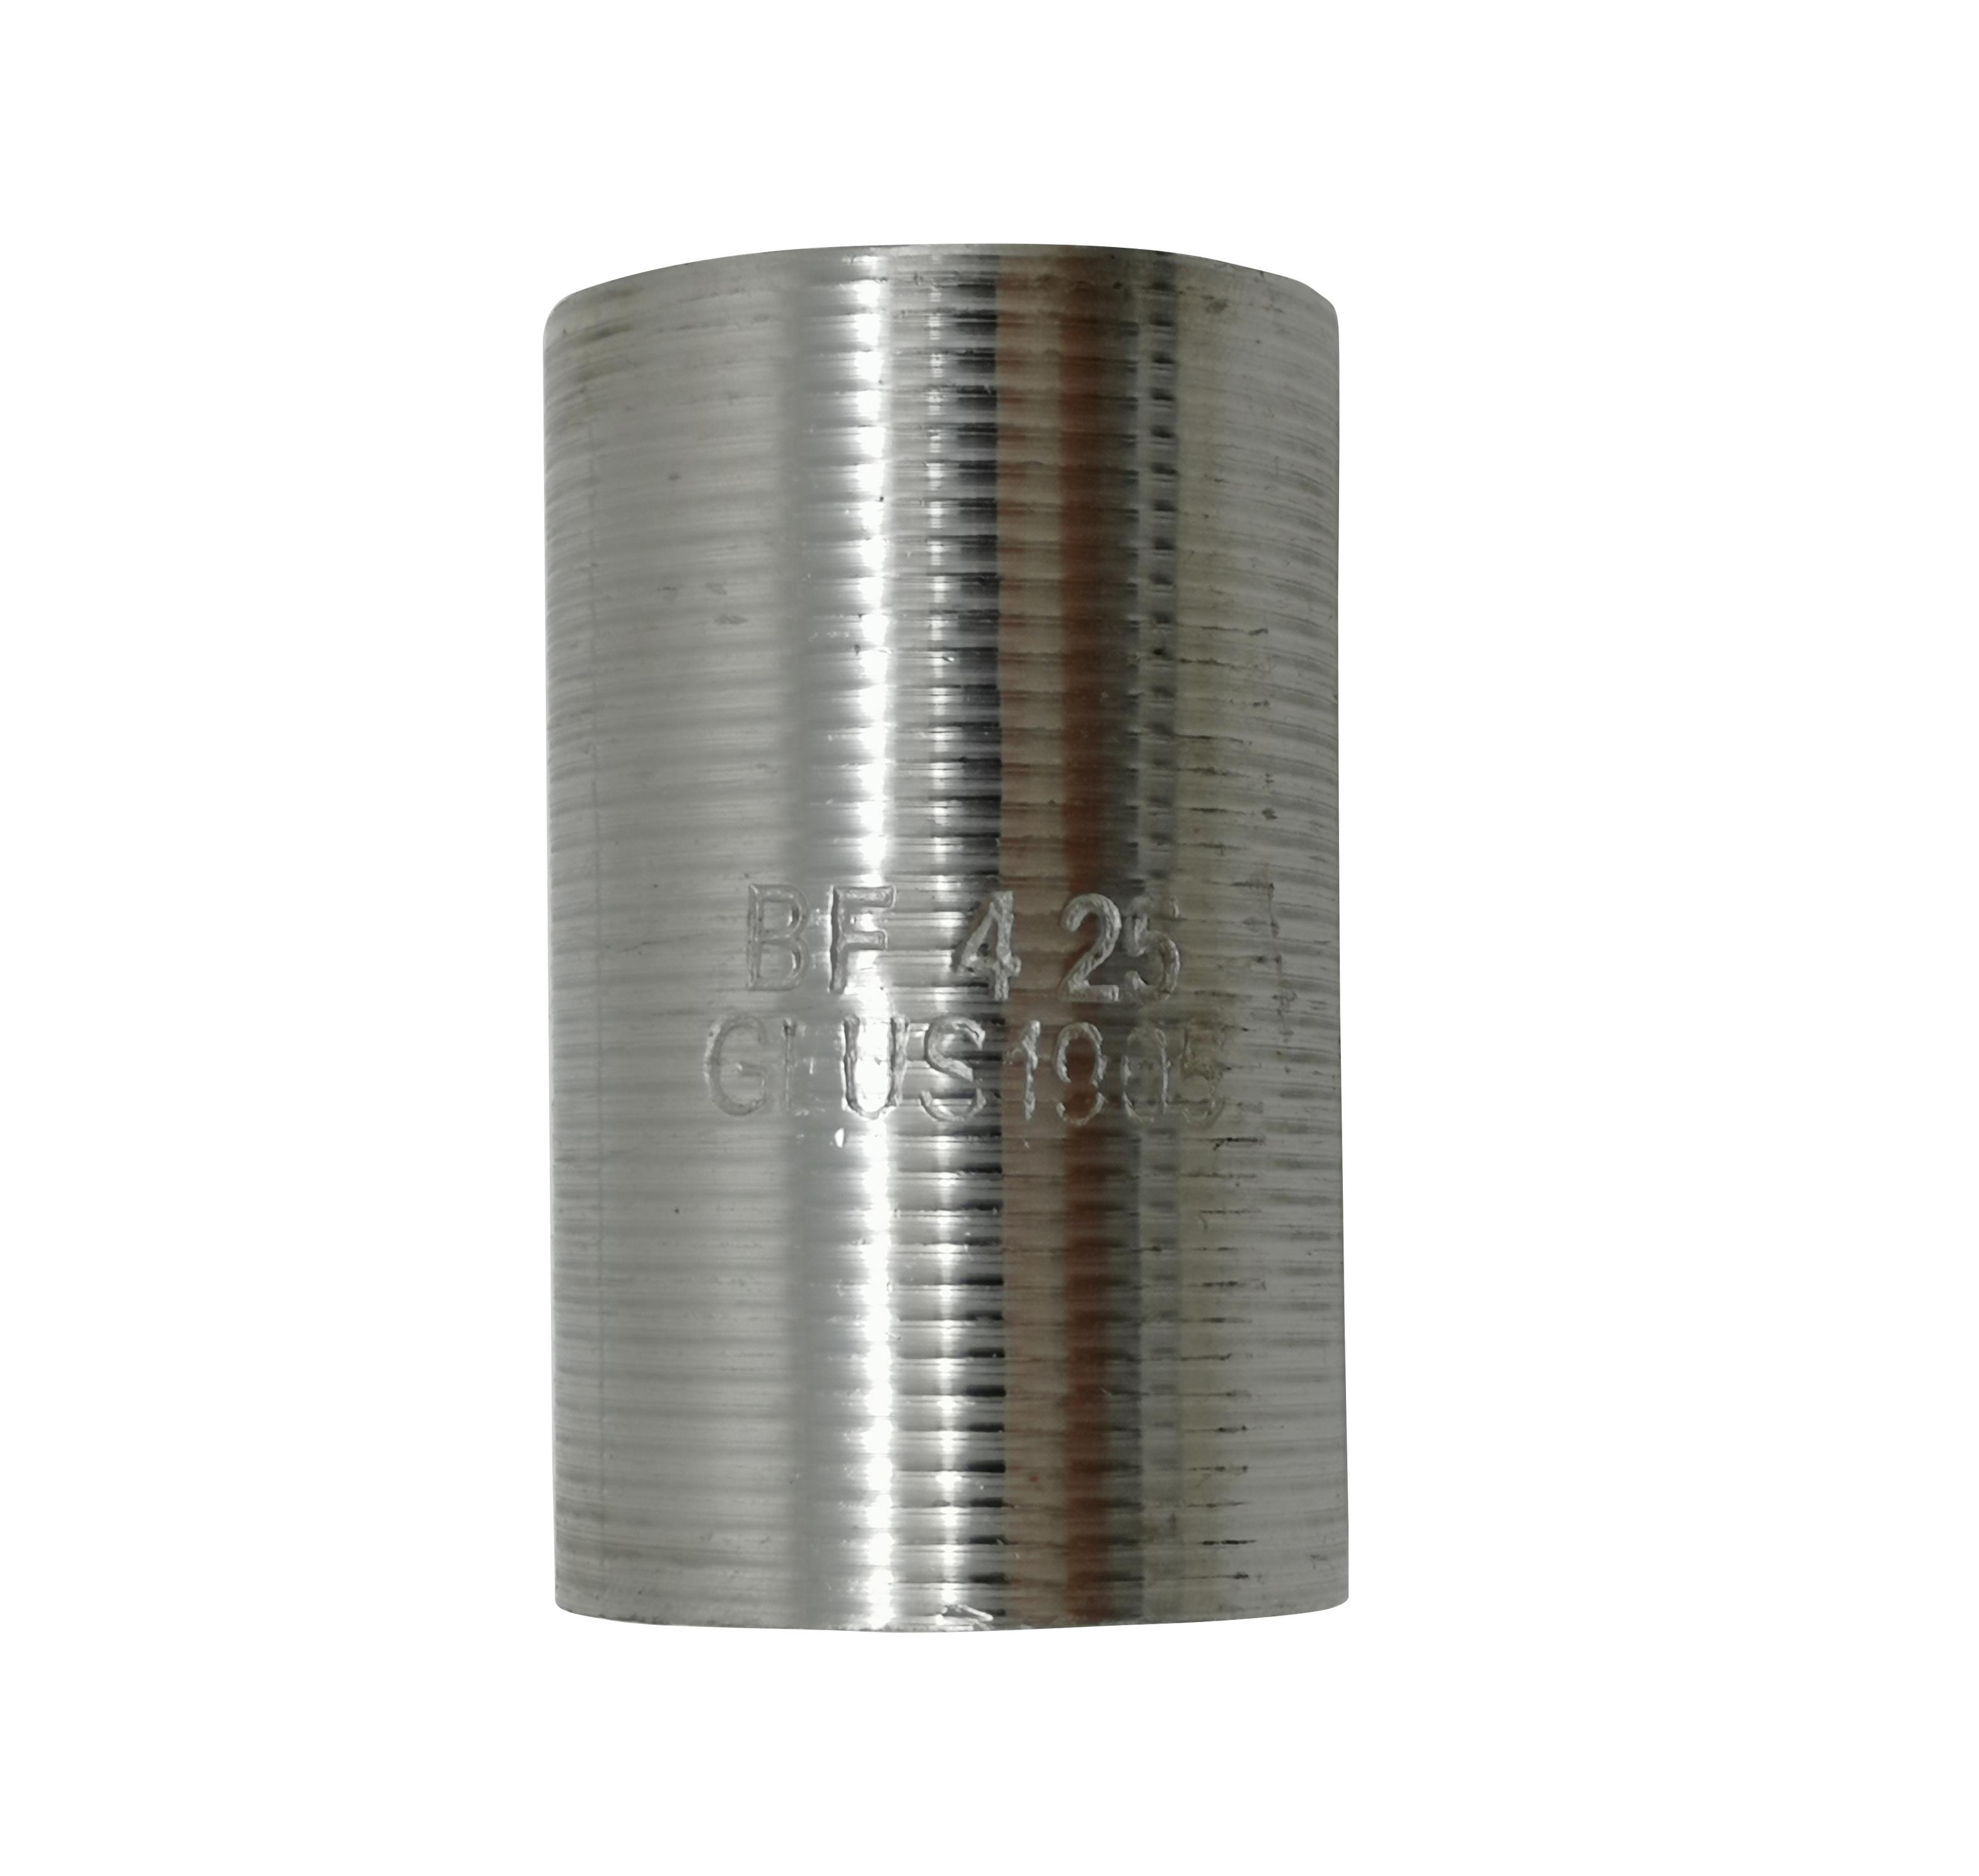 直螺纹钢筋套筒的优点都有哪些?